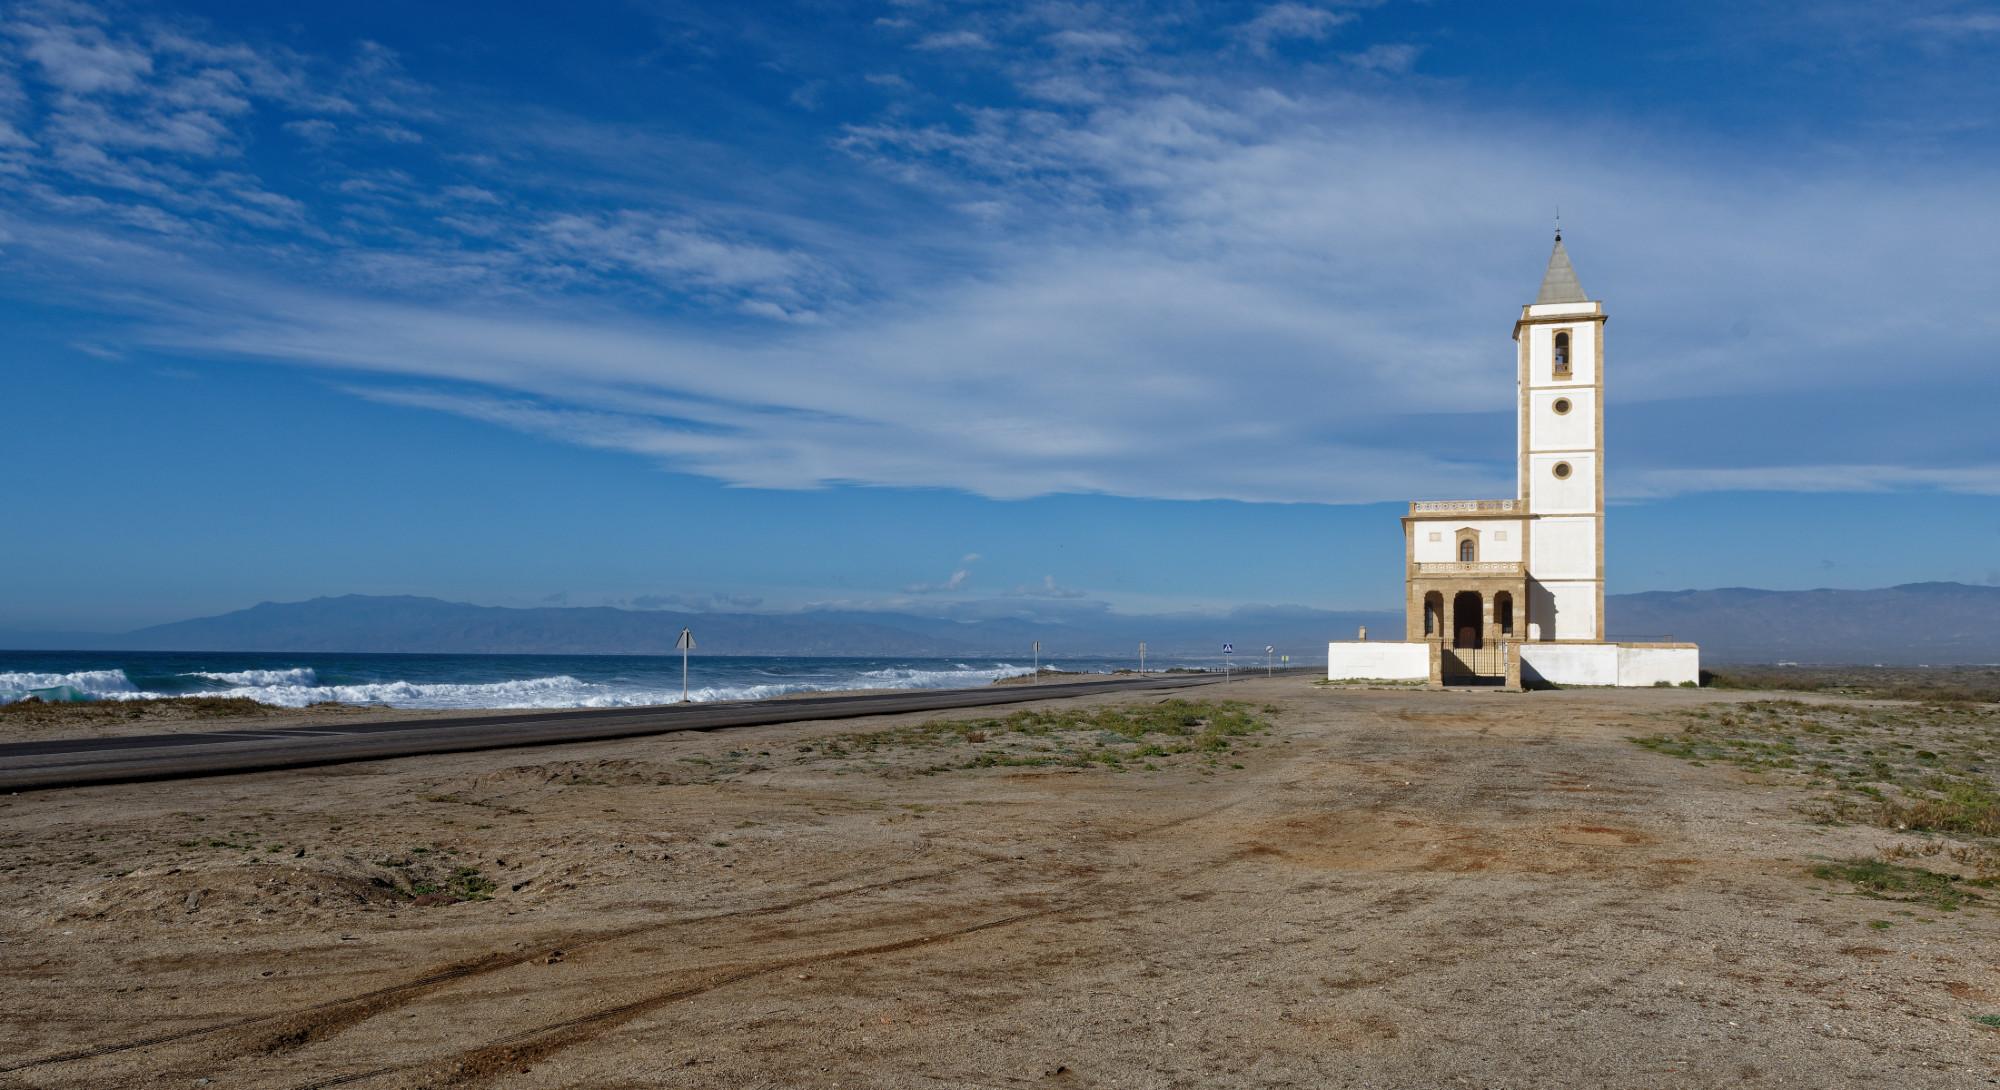 171215-La Almadraba de Montelava (Cabo de Gata - Andalousie) (19)